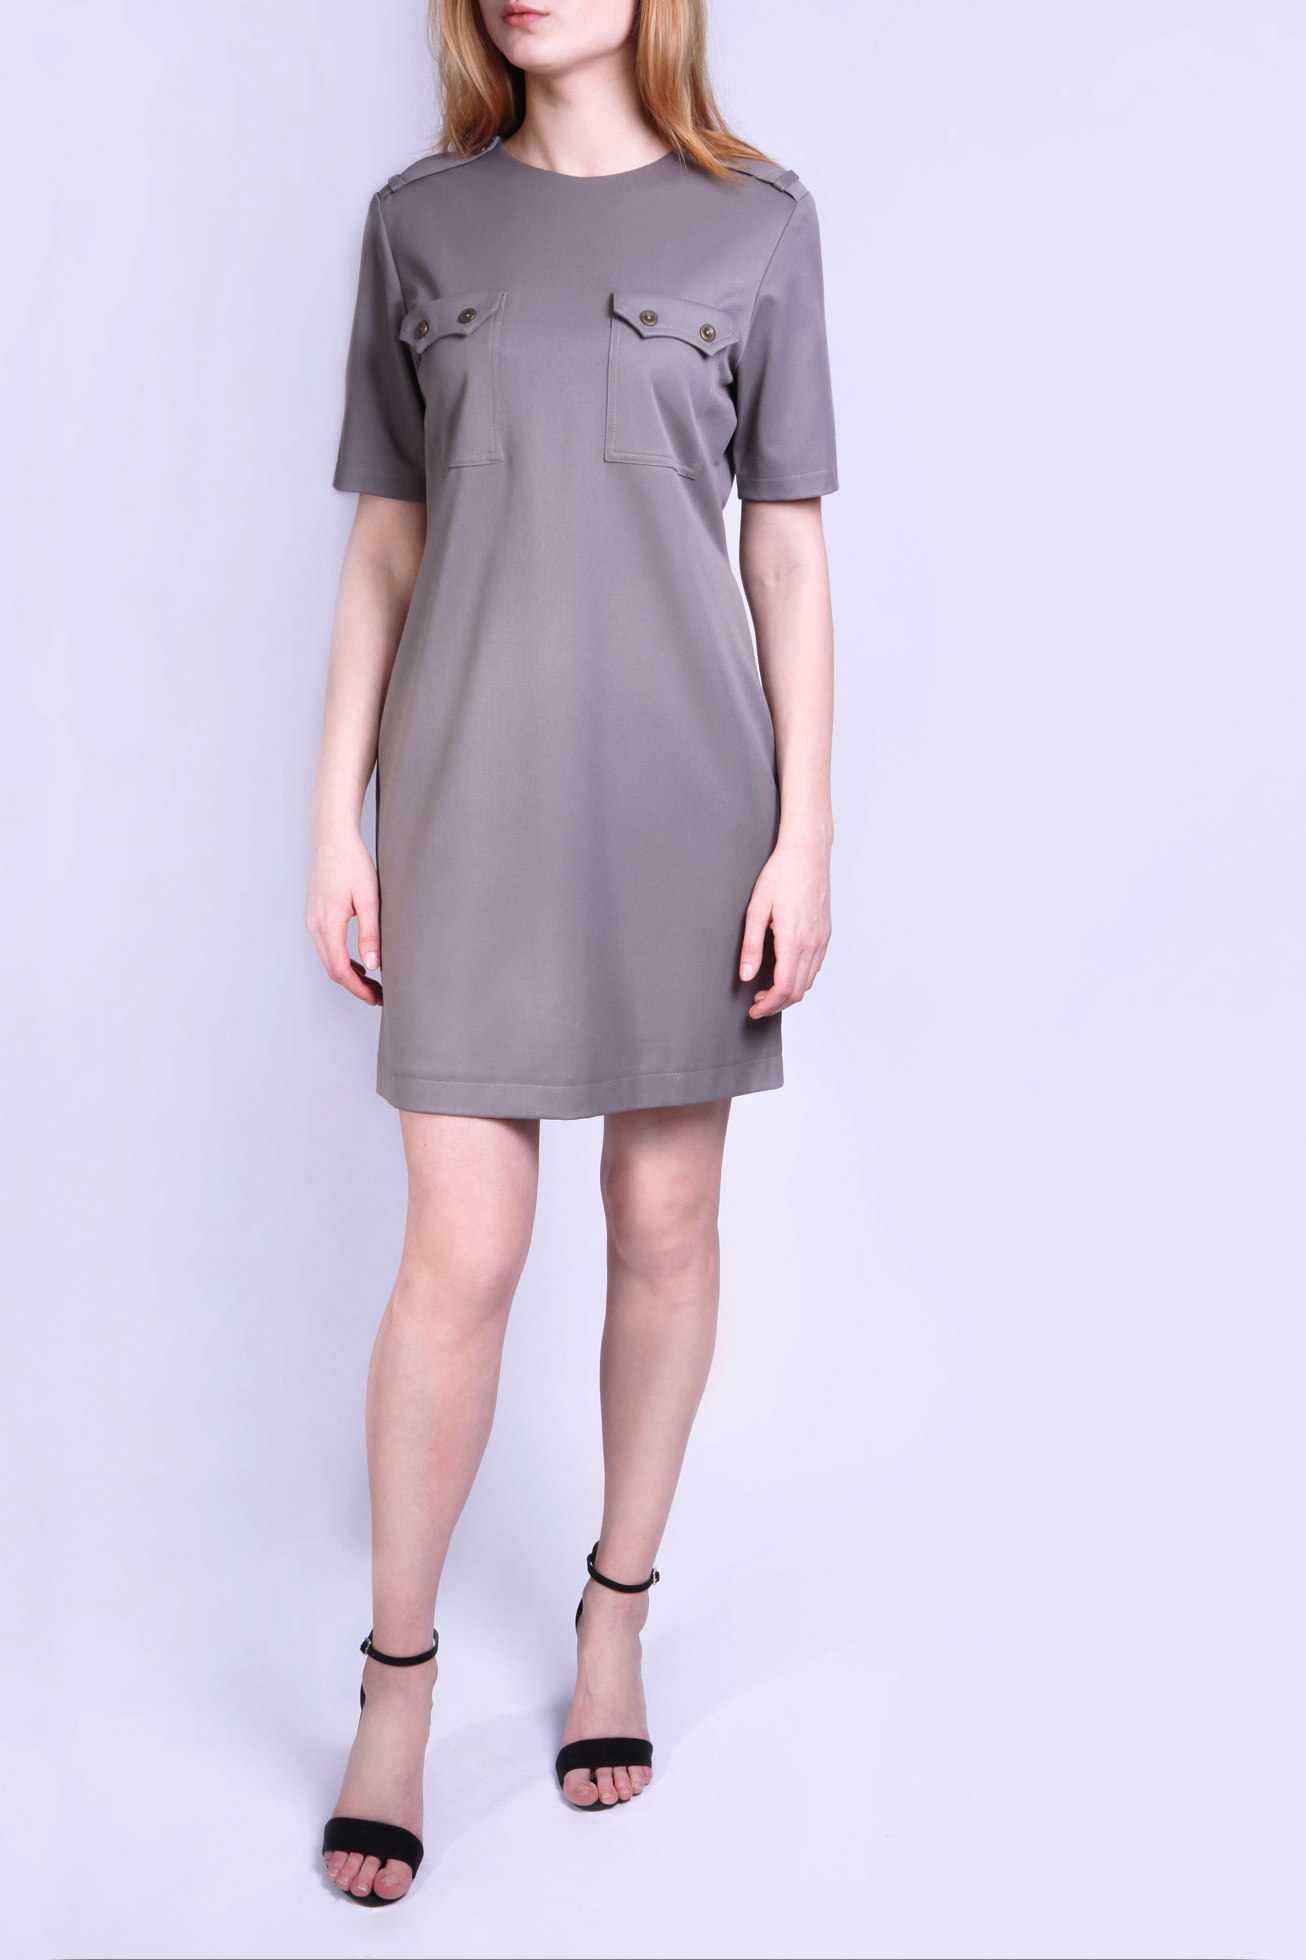 ПлатьеПлатья<br>Платье серого цвета с коротким рукавом, эполетами и накладными карманами на груди. Длина платья до середины бедра.  Параметры размеров: Обхват груди размер 42 - 84 см, размер 44 - 88 см, размер 46 - 92 см, размер 48 - 96 см, размер 50 - 100 см, размер 52 - 104 см Обхват талии размер 42 - 64 см, размер 44 - 68 см, размер 46 - 72 см, размер 48 - 76 см, размер 50 - 80 см, размер 52 - 84 см Обхват бедер размер 42 - 92 см, размер 44 - 96 см, размер 46 - 100 см, размер 48 - 104 см, размер 50 - 108 см, размер 52 - 112 см  Цвет: коричнево-серый  Ростовка изделия 170 см.<br><br>Горловина: С- горловина<br>По длине: До колена<br>По материалу: Вискоза,Тканевые<br>По рисунку: Однотонные<br>По силуэту: Прямые<br>По стилю: Кэжуал,Офисный стиль,Повседневный стиль<br>По элементам: С карманами,С патами<br>Рукав: До локтя<br>По сезону: Осень,Весна,Зима<br>Размер : 42,44,46,48,50,52<br>Материал: Плательная ткань<br>Количество в наличии: 9